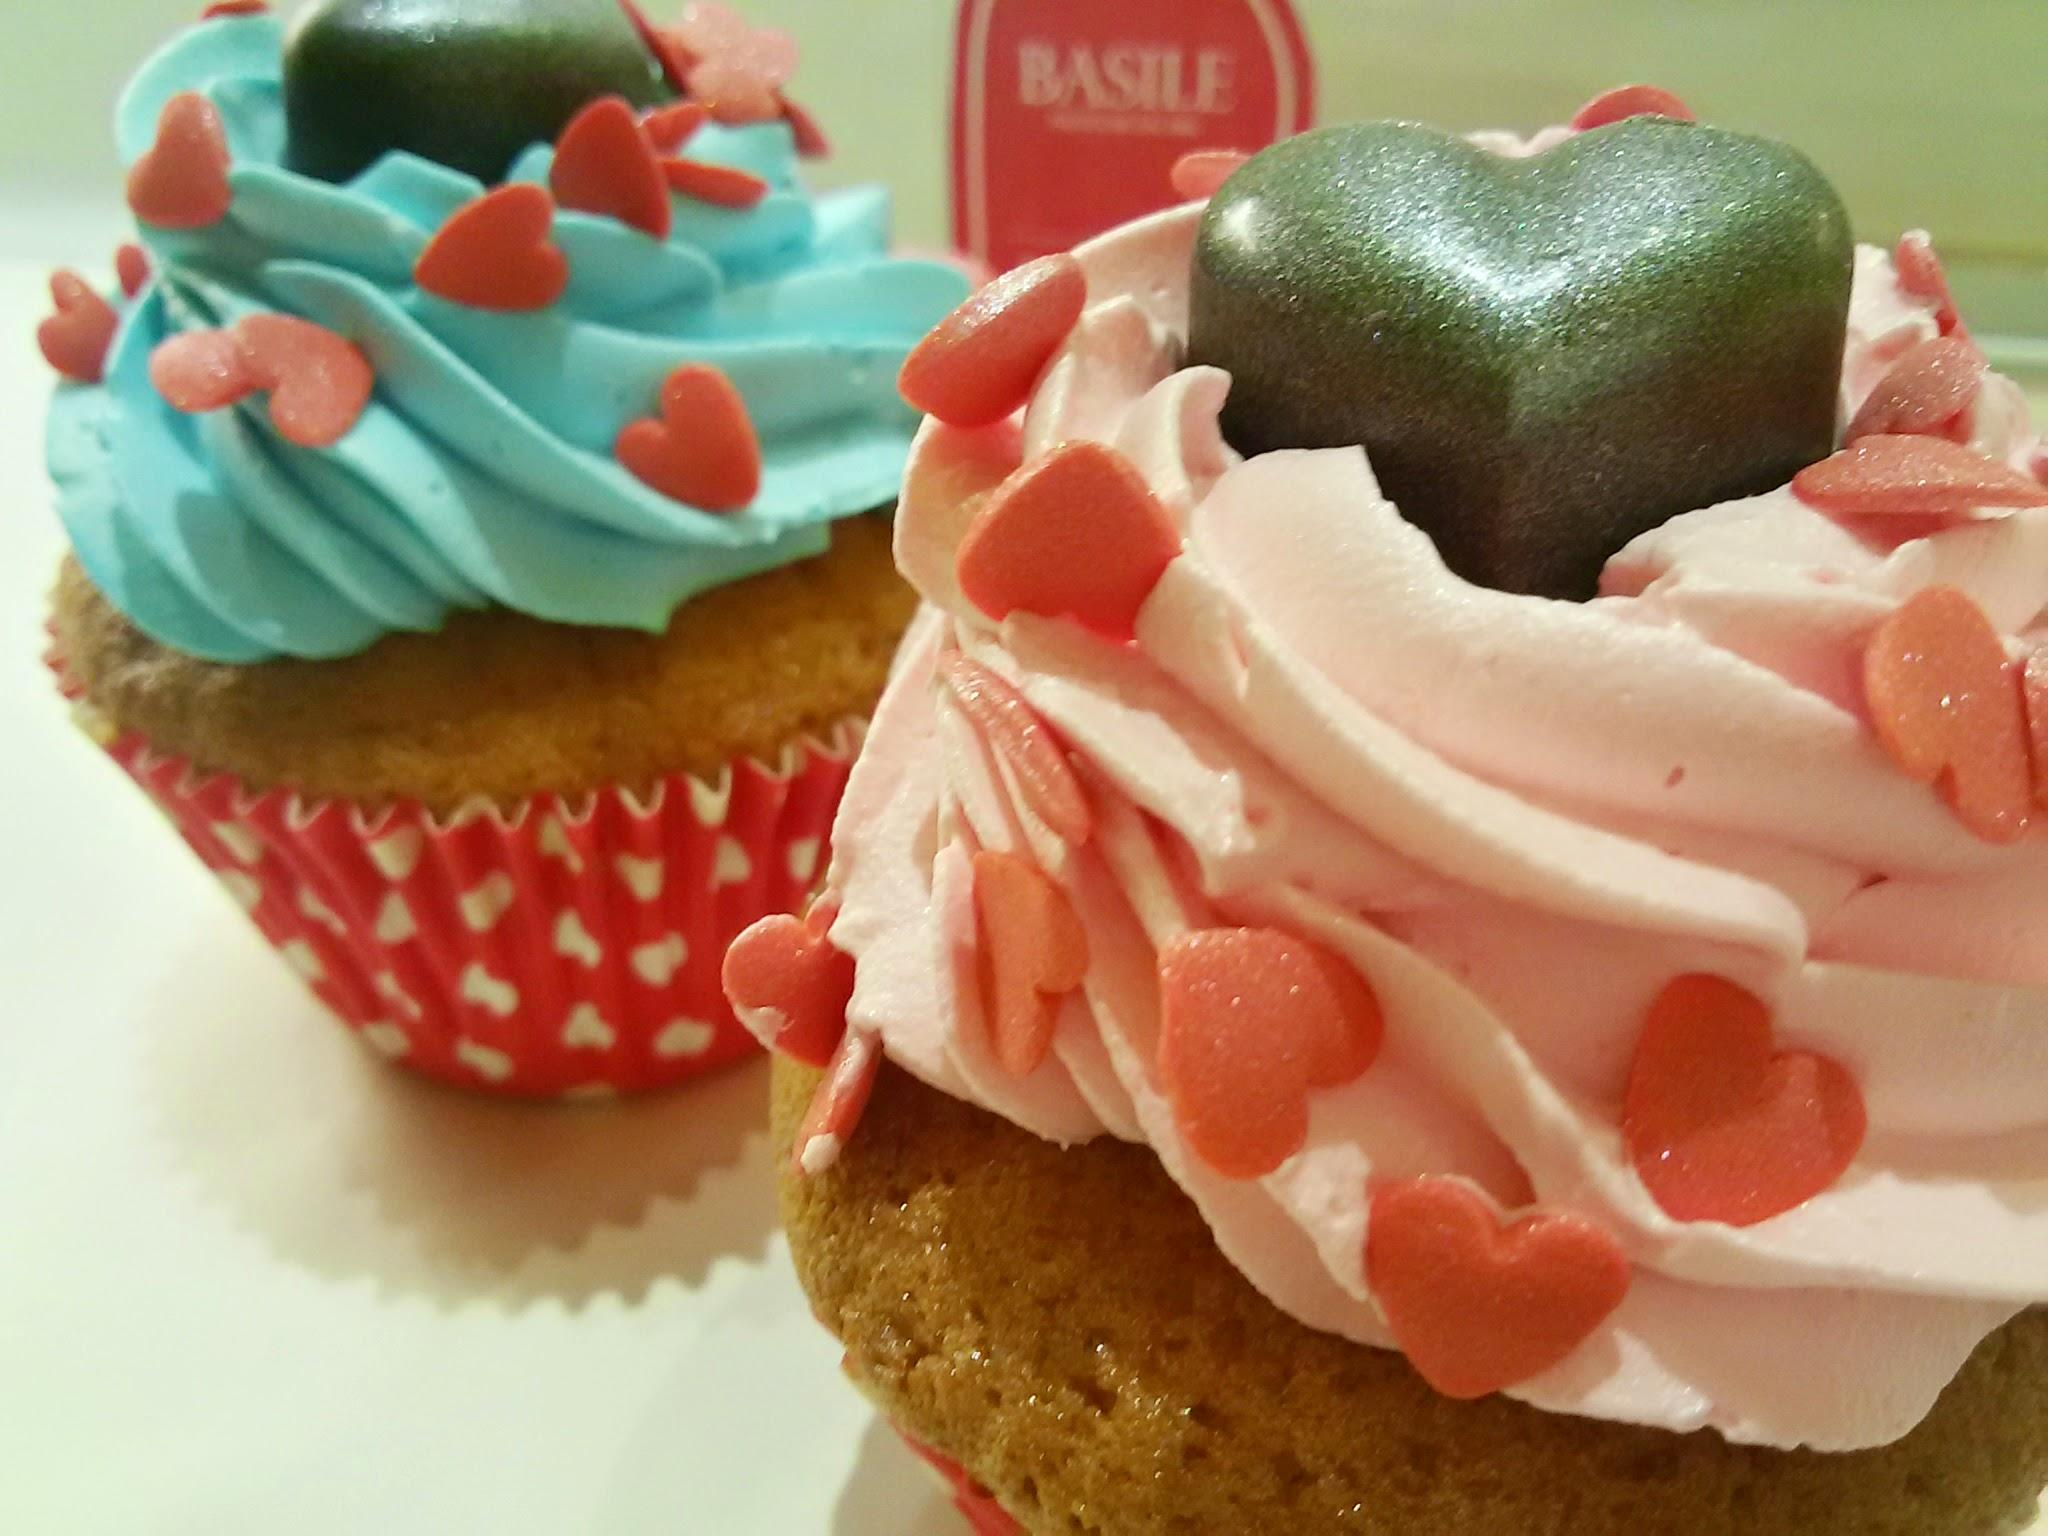 https://www.ragusanews.com//immagini_articoli/04-02-2015/1423048877-2-basile-pasticceri-un-love-box-per-san-valentino.jpg